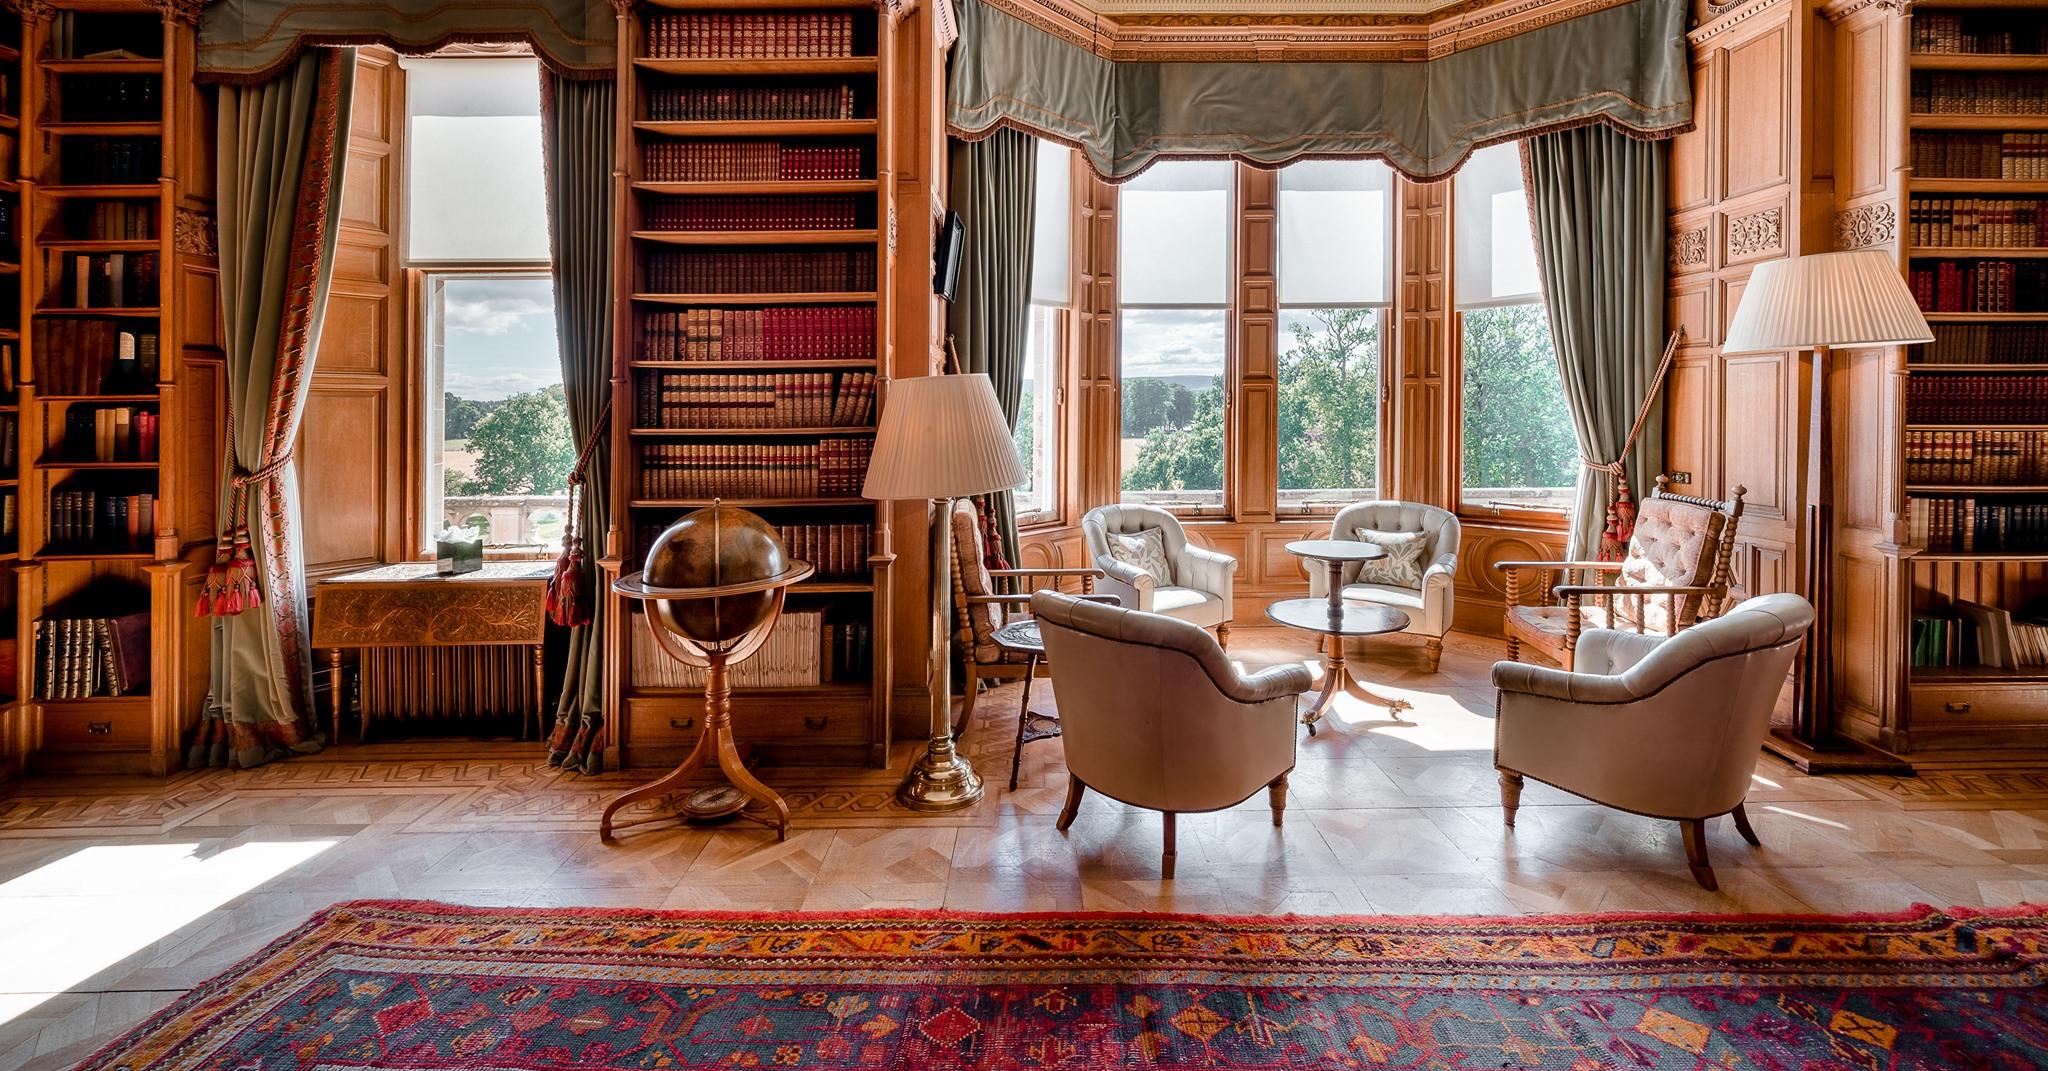 skibo castle scotland, luxury wedding venues, cásate en el castillo más exclusivo de escocia - Wedding Hub - 02